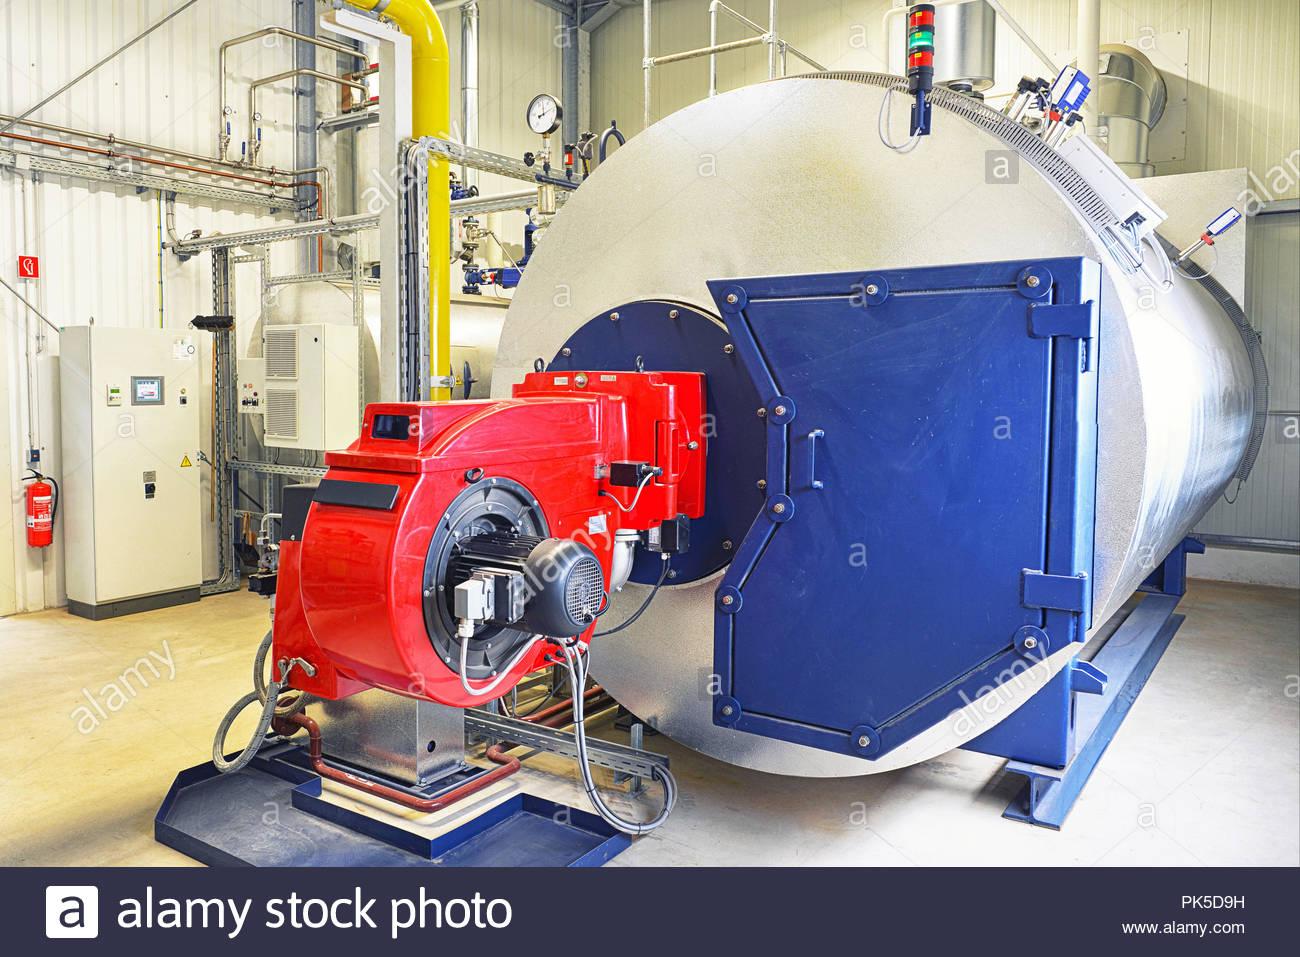 Chauffage industriel : Comment mettre en place le chauffage ?